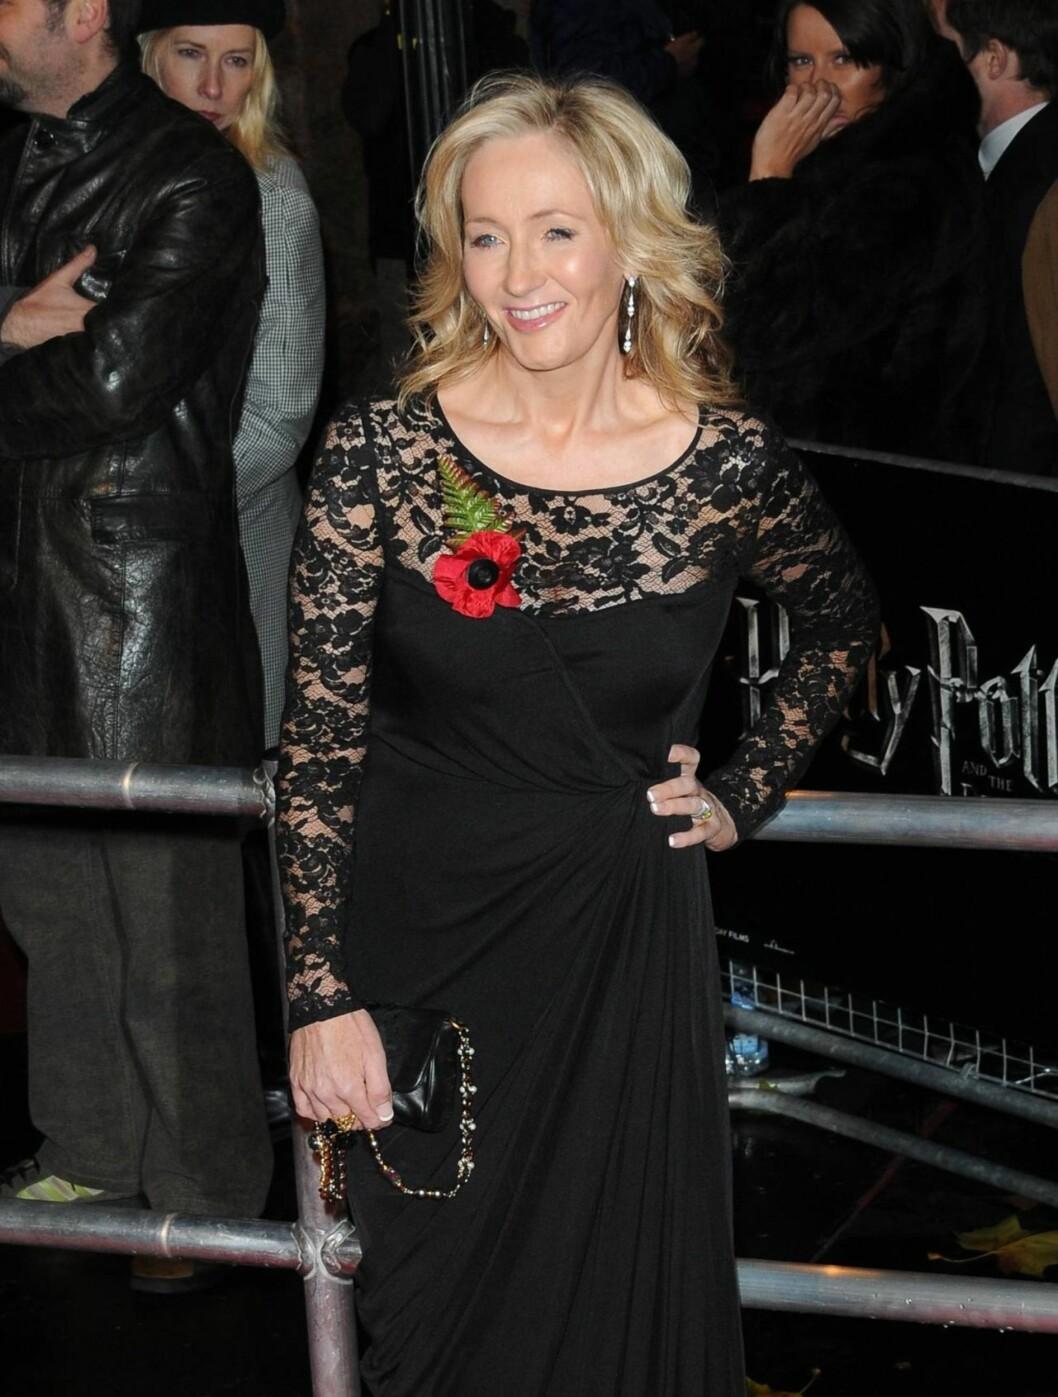 SØKKRIK: Harry Potter-suksessen har gjort den tidligere fattige alenemoren J.K. Rowling til Storbritannias rikeste forfatter. Foto: All Over Press